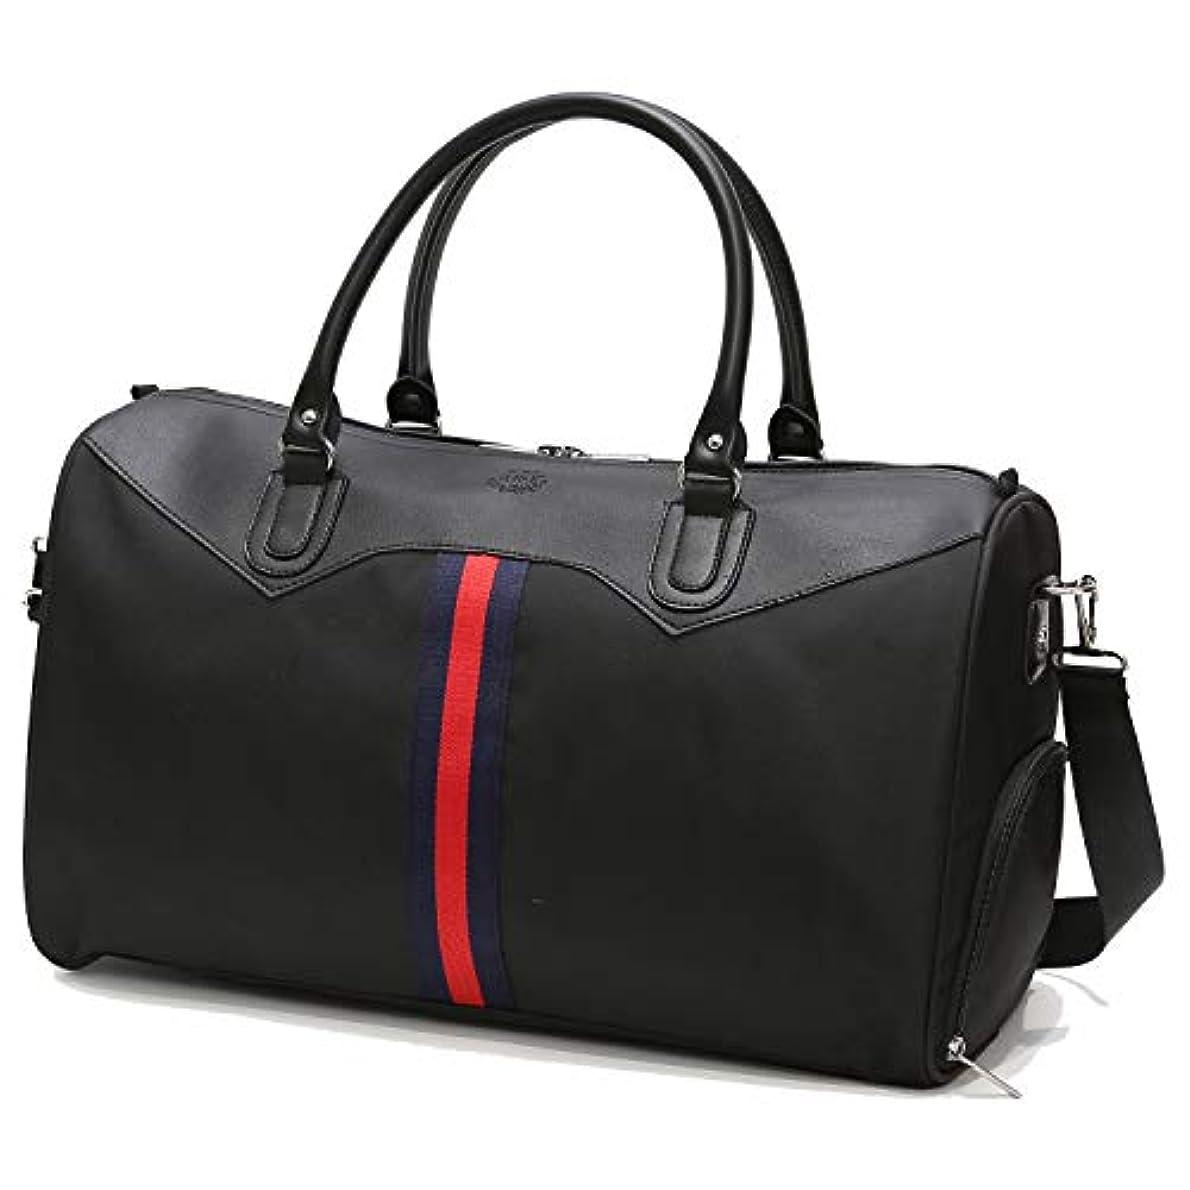 大騒ぎ精緻化パステル[TcIFE] ボストンバッグ レディース メンズ 大容量 2WAY 修学 旅行トラベルバッグ 収納バッグ